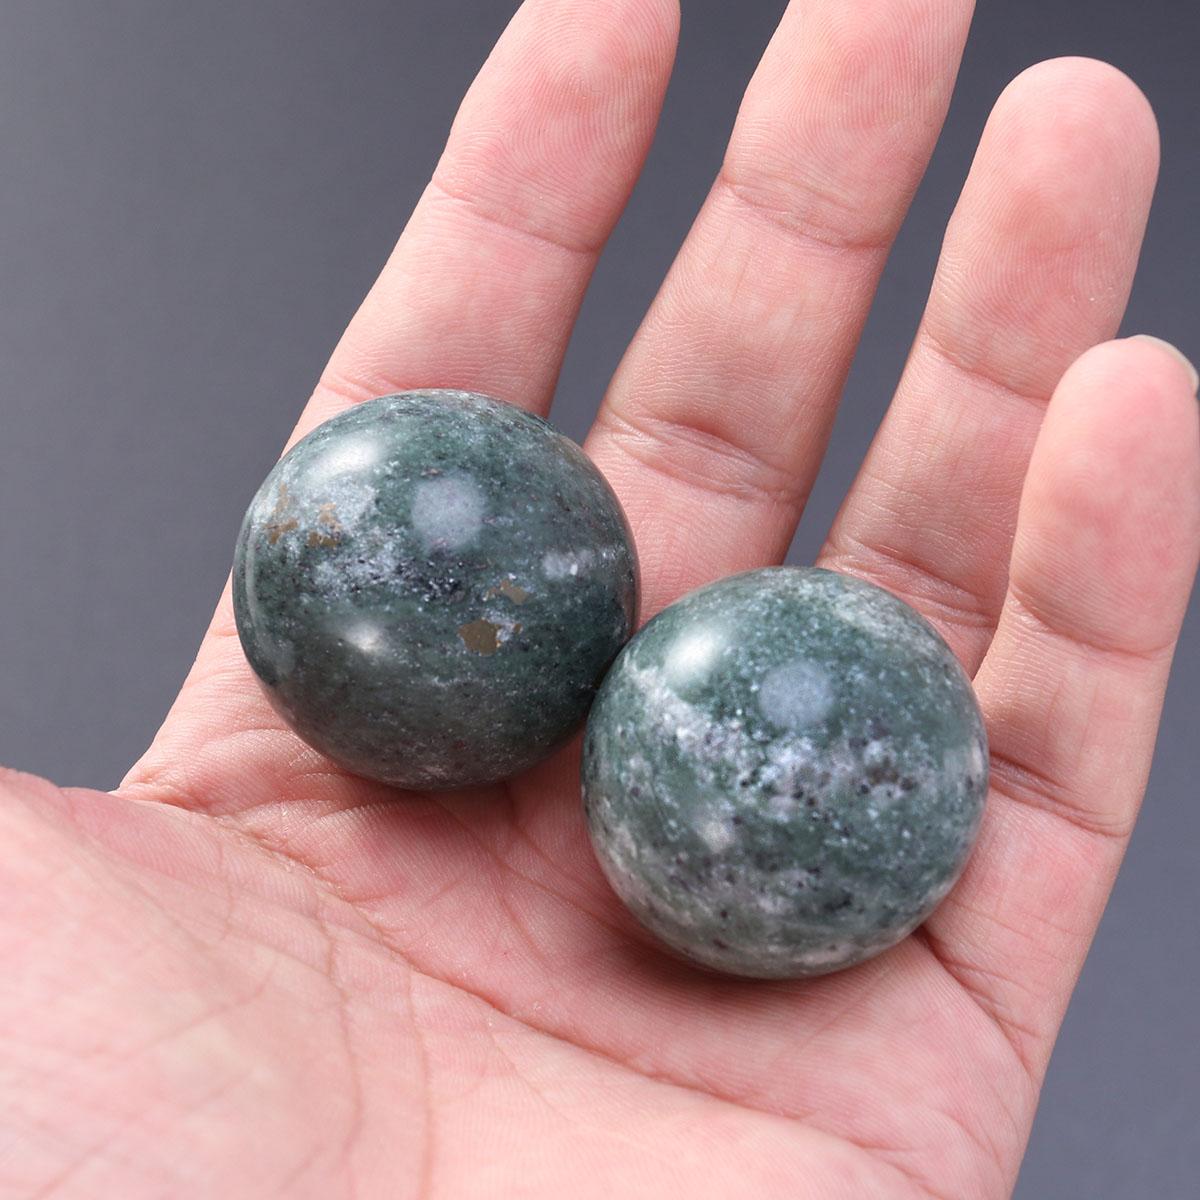 2 шт. мяч для ухода за здоровьем для пожилых людей нефритовый мяч для упражнений для здоровья мяч для снятия стресса для Oldman (черный)